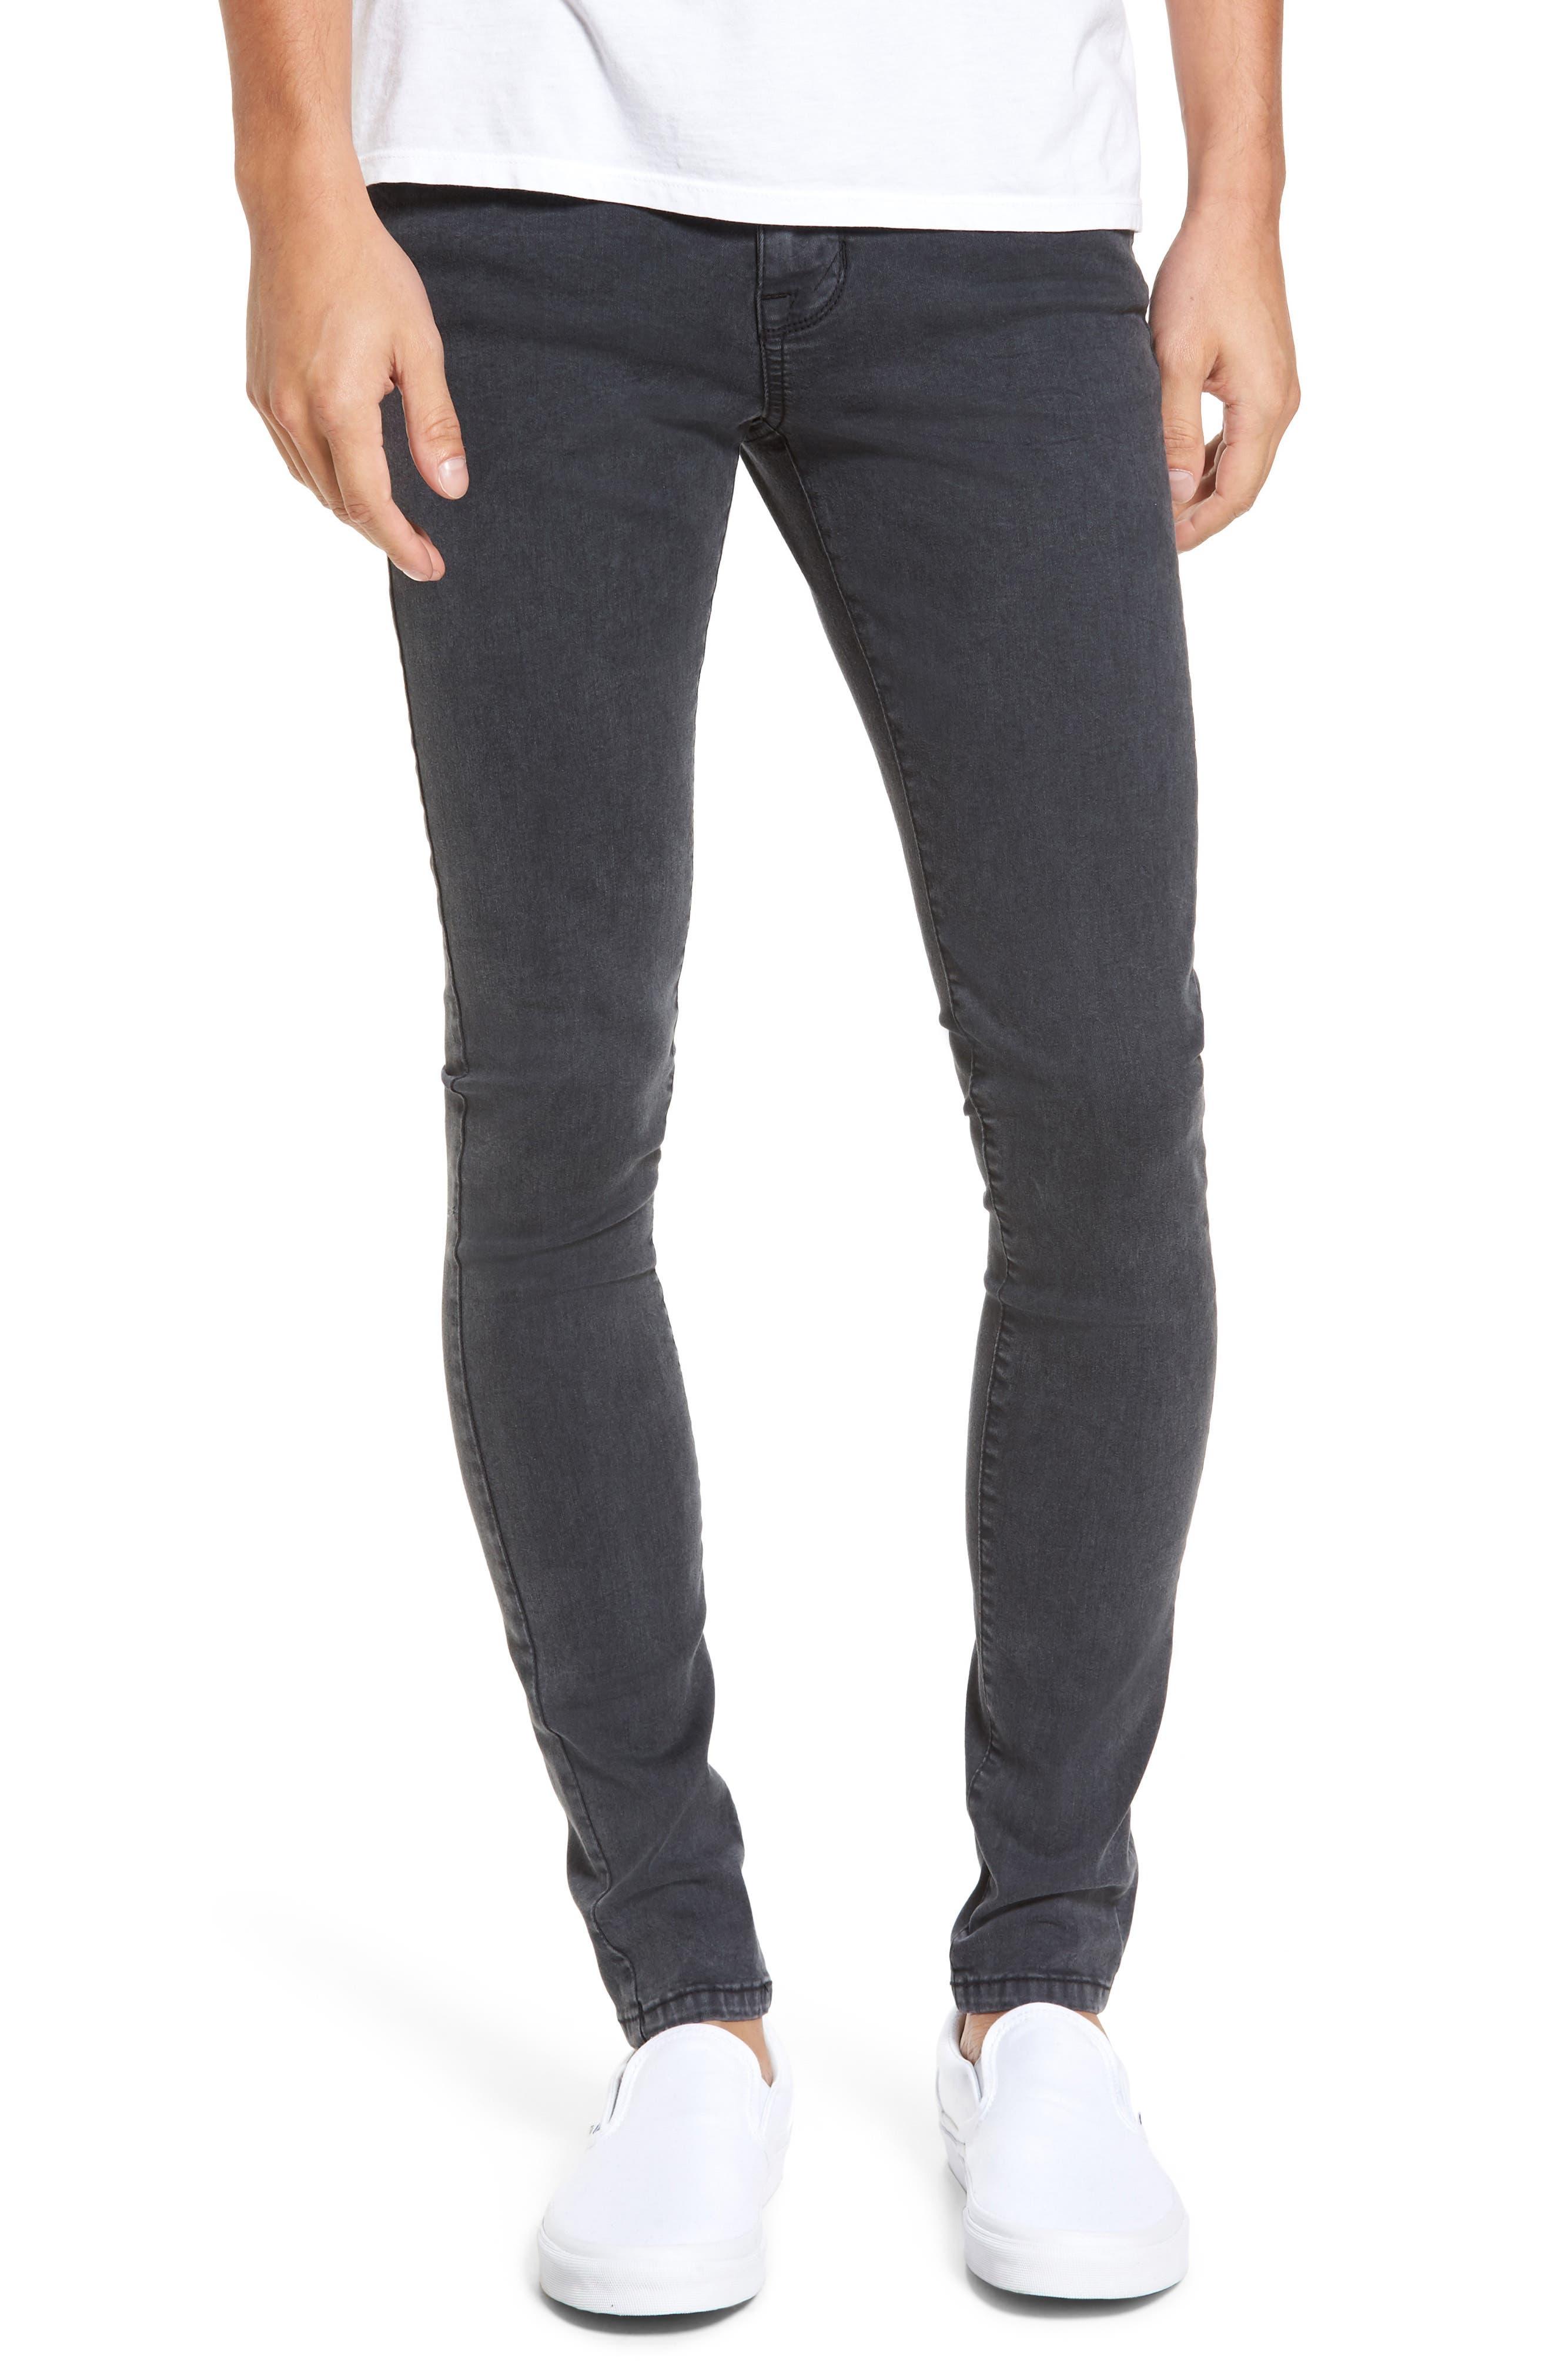 Alternate Image 1 Selected - Dr. Denim Supply Co. Leroy Slim Fit Jeans